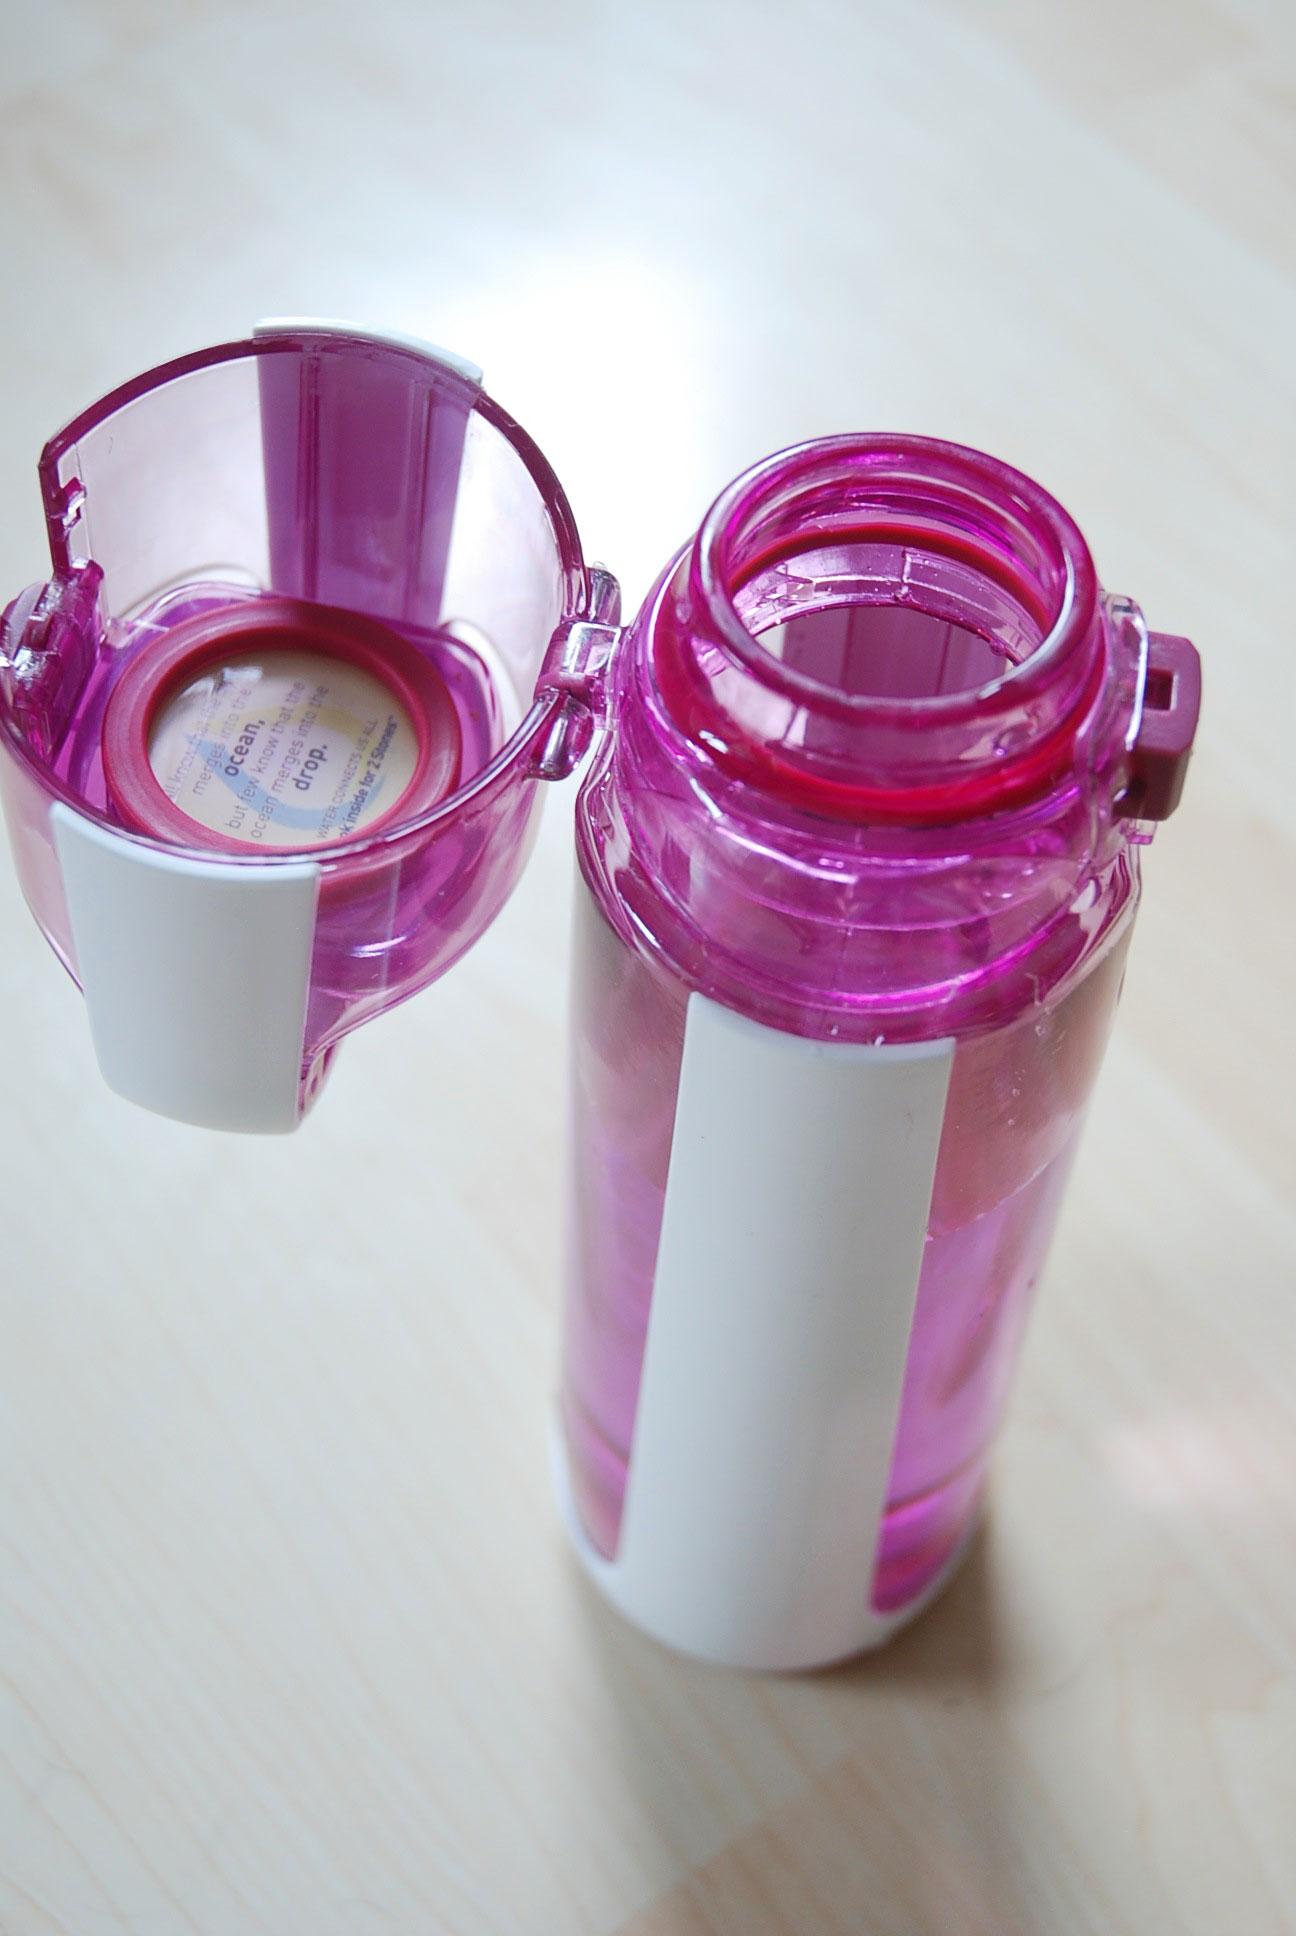 Kor-Bottle-1